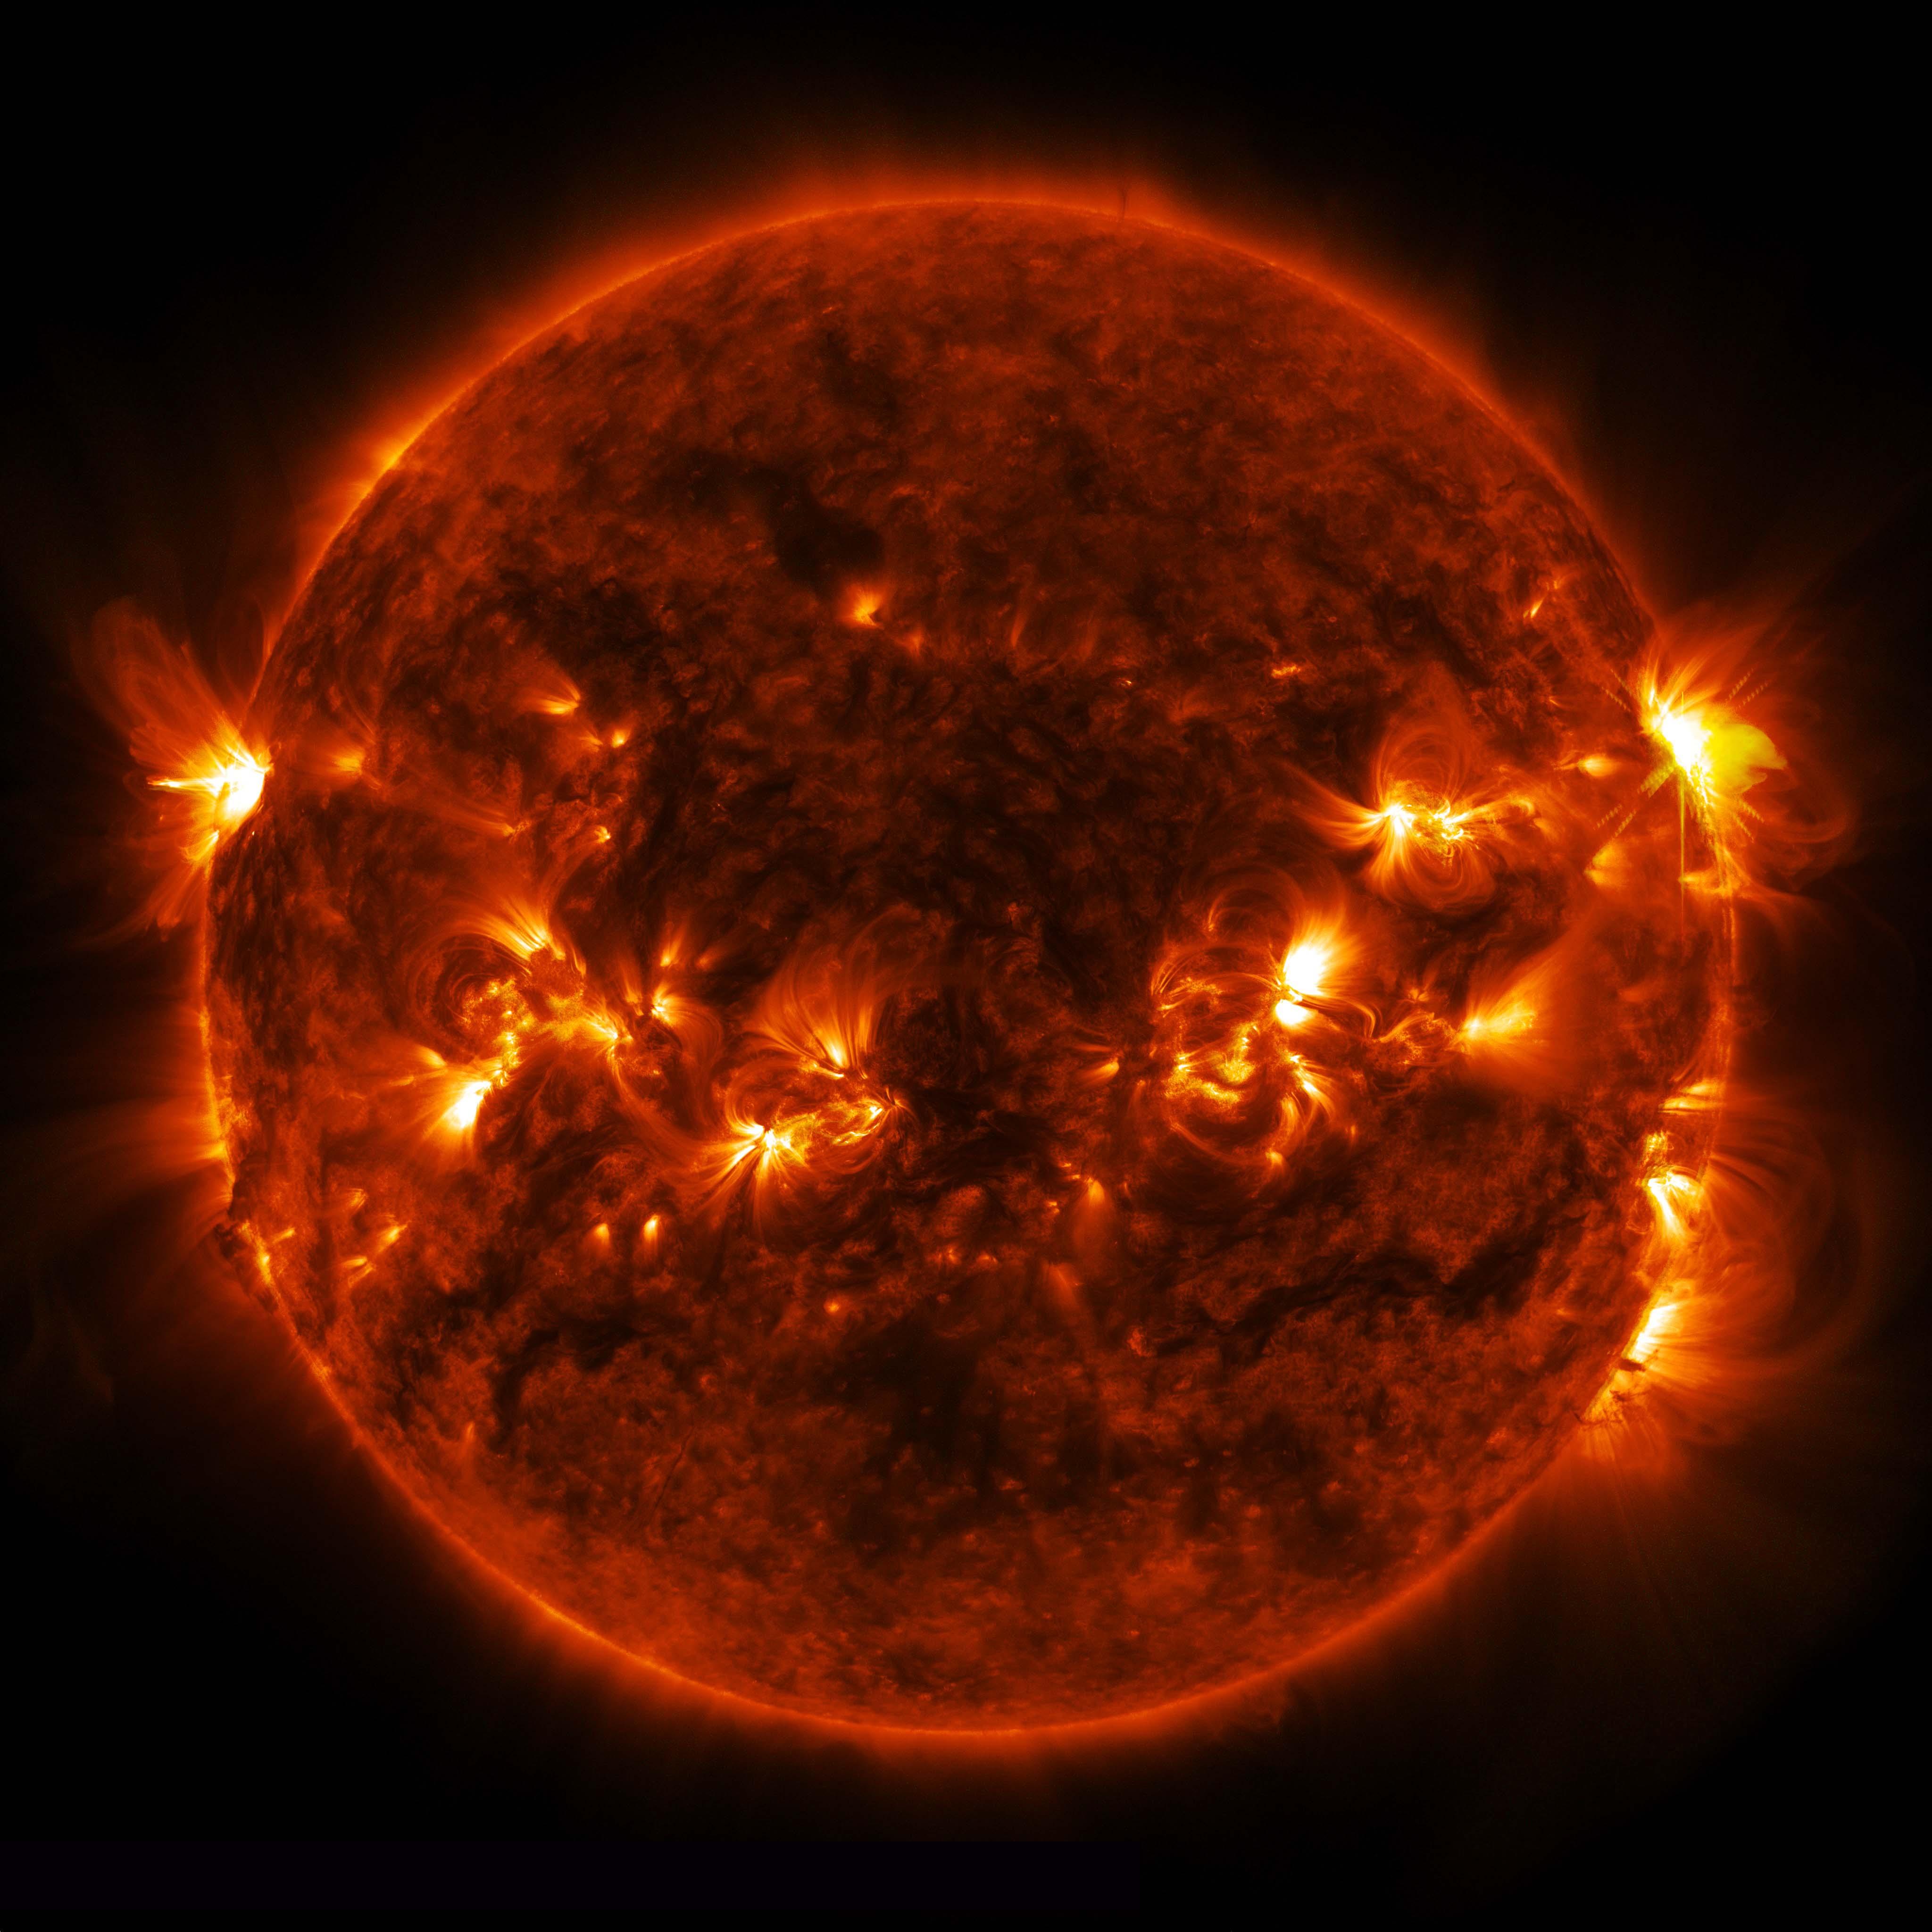 solar flare sdo nasa - photo #16